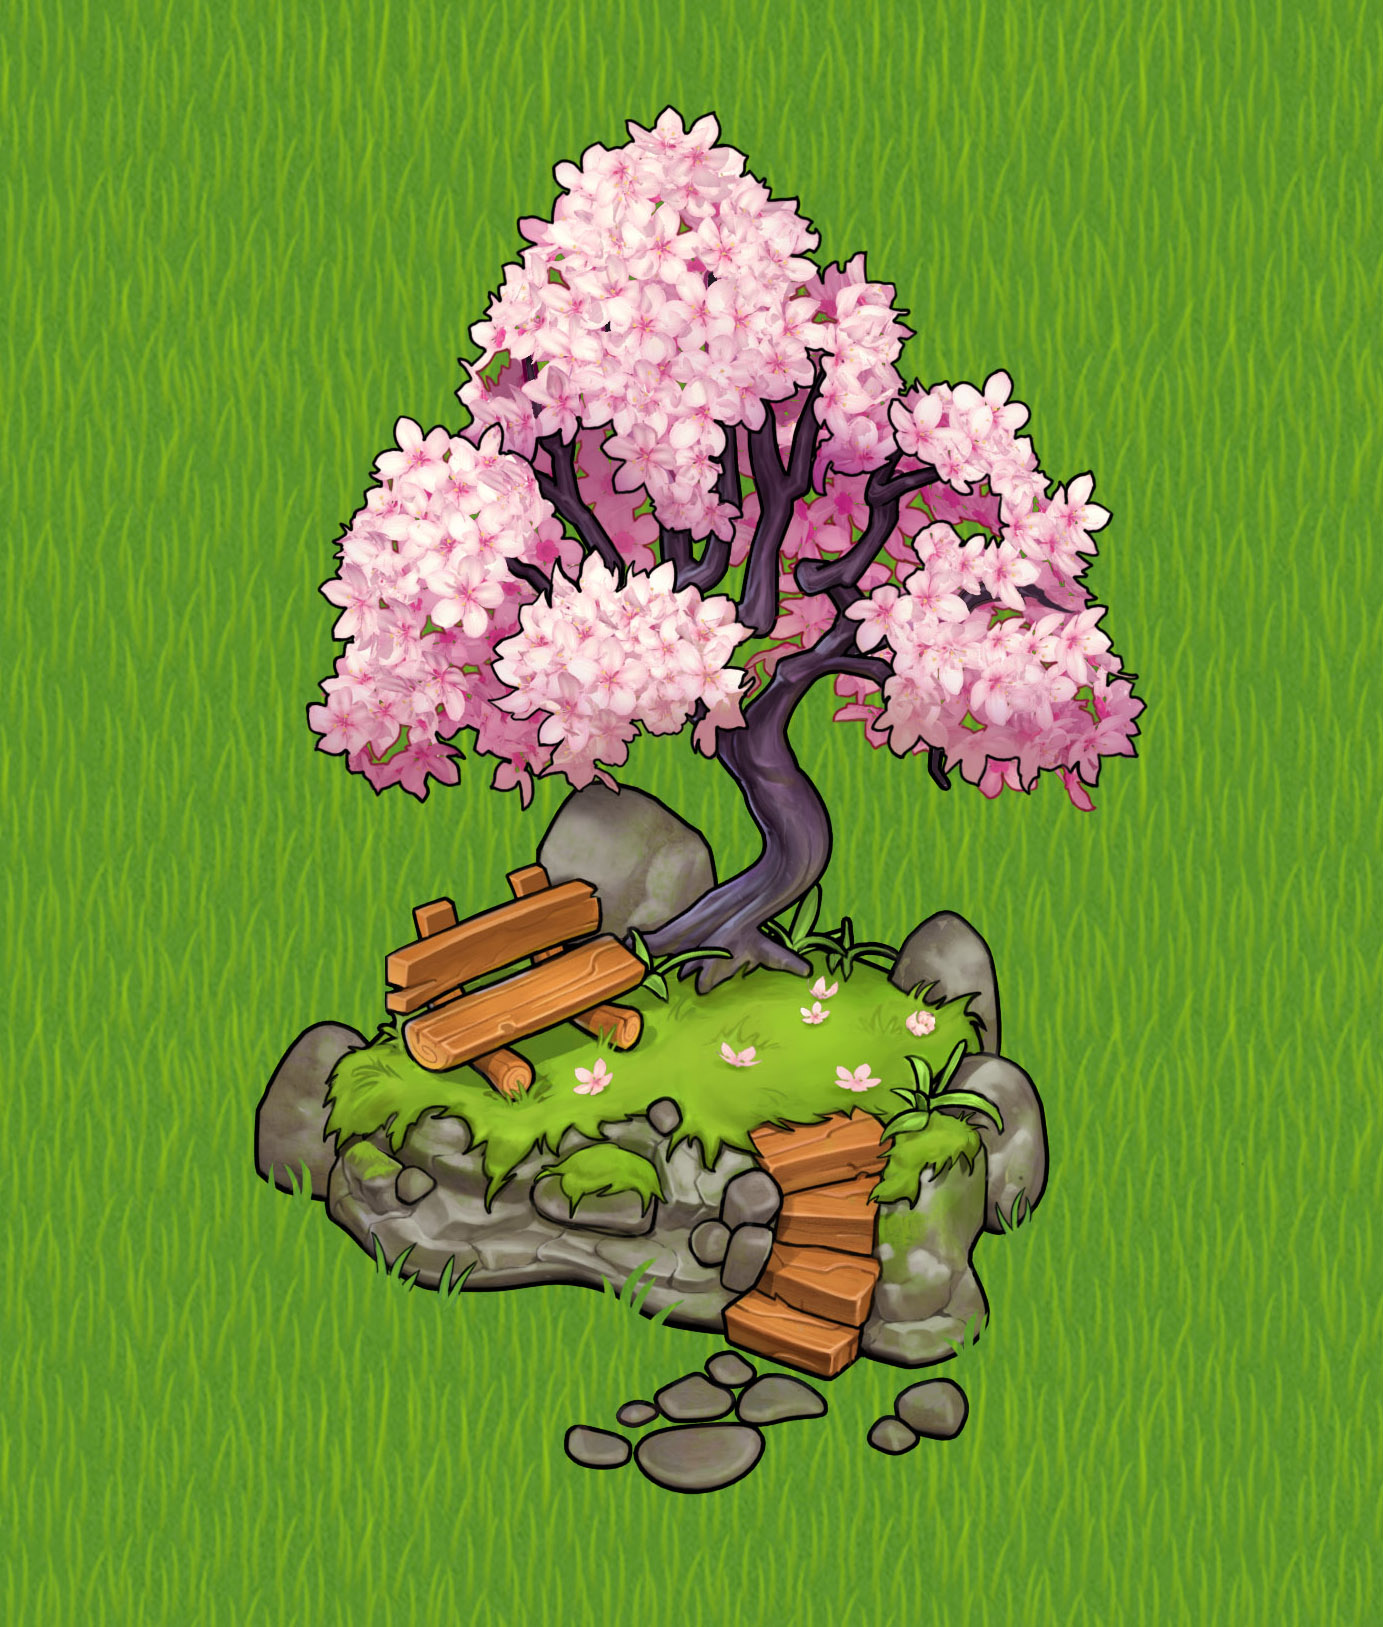 Paintover_CherryBlossom4.jpg